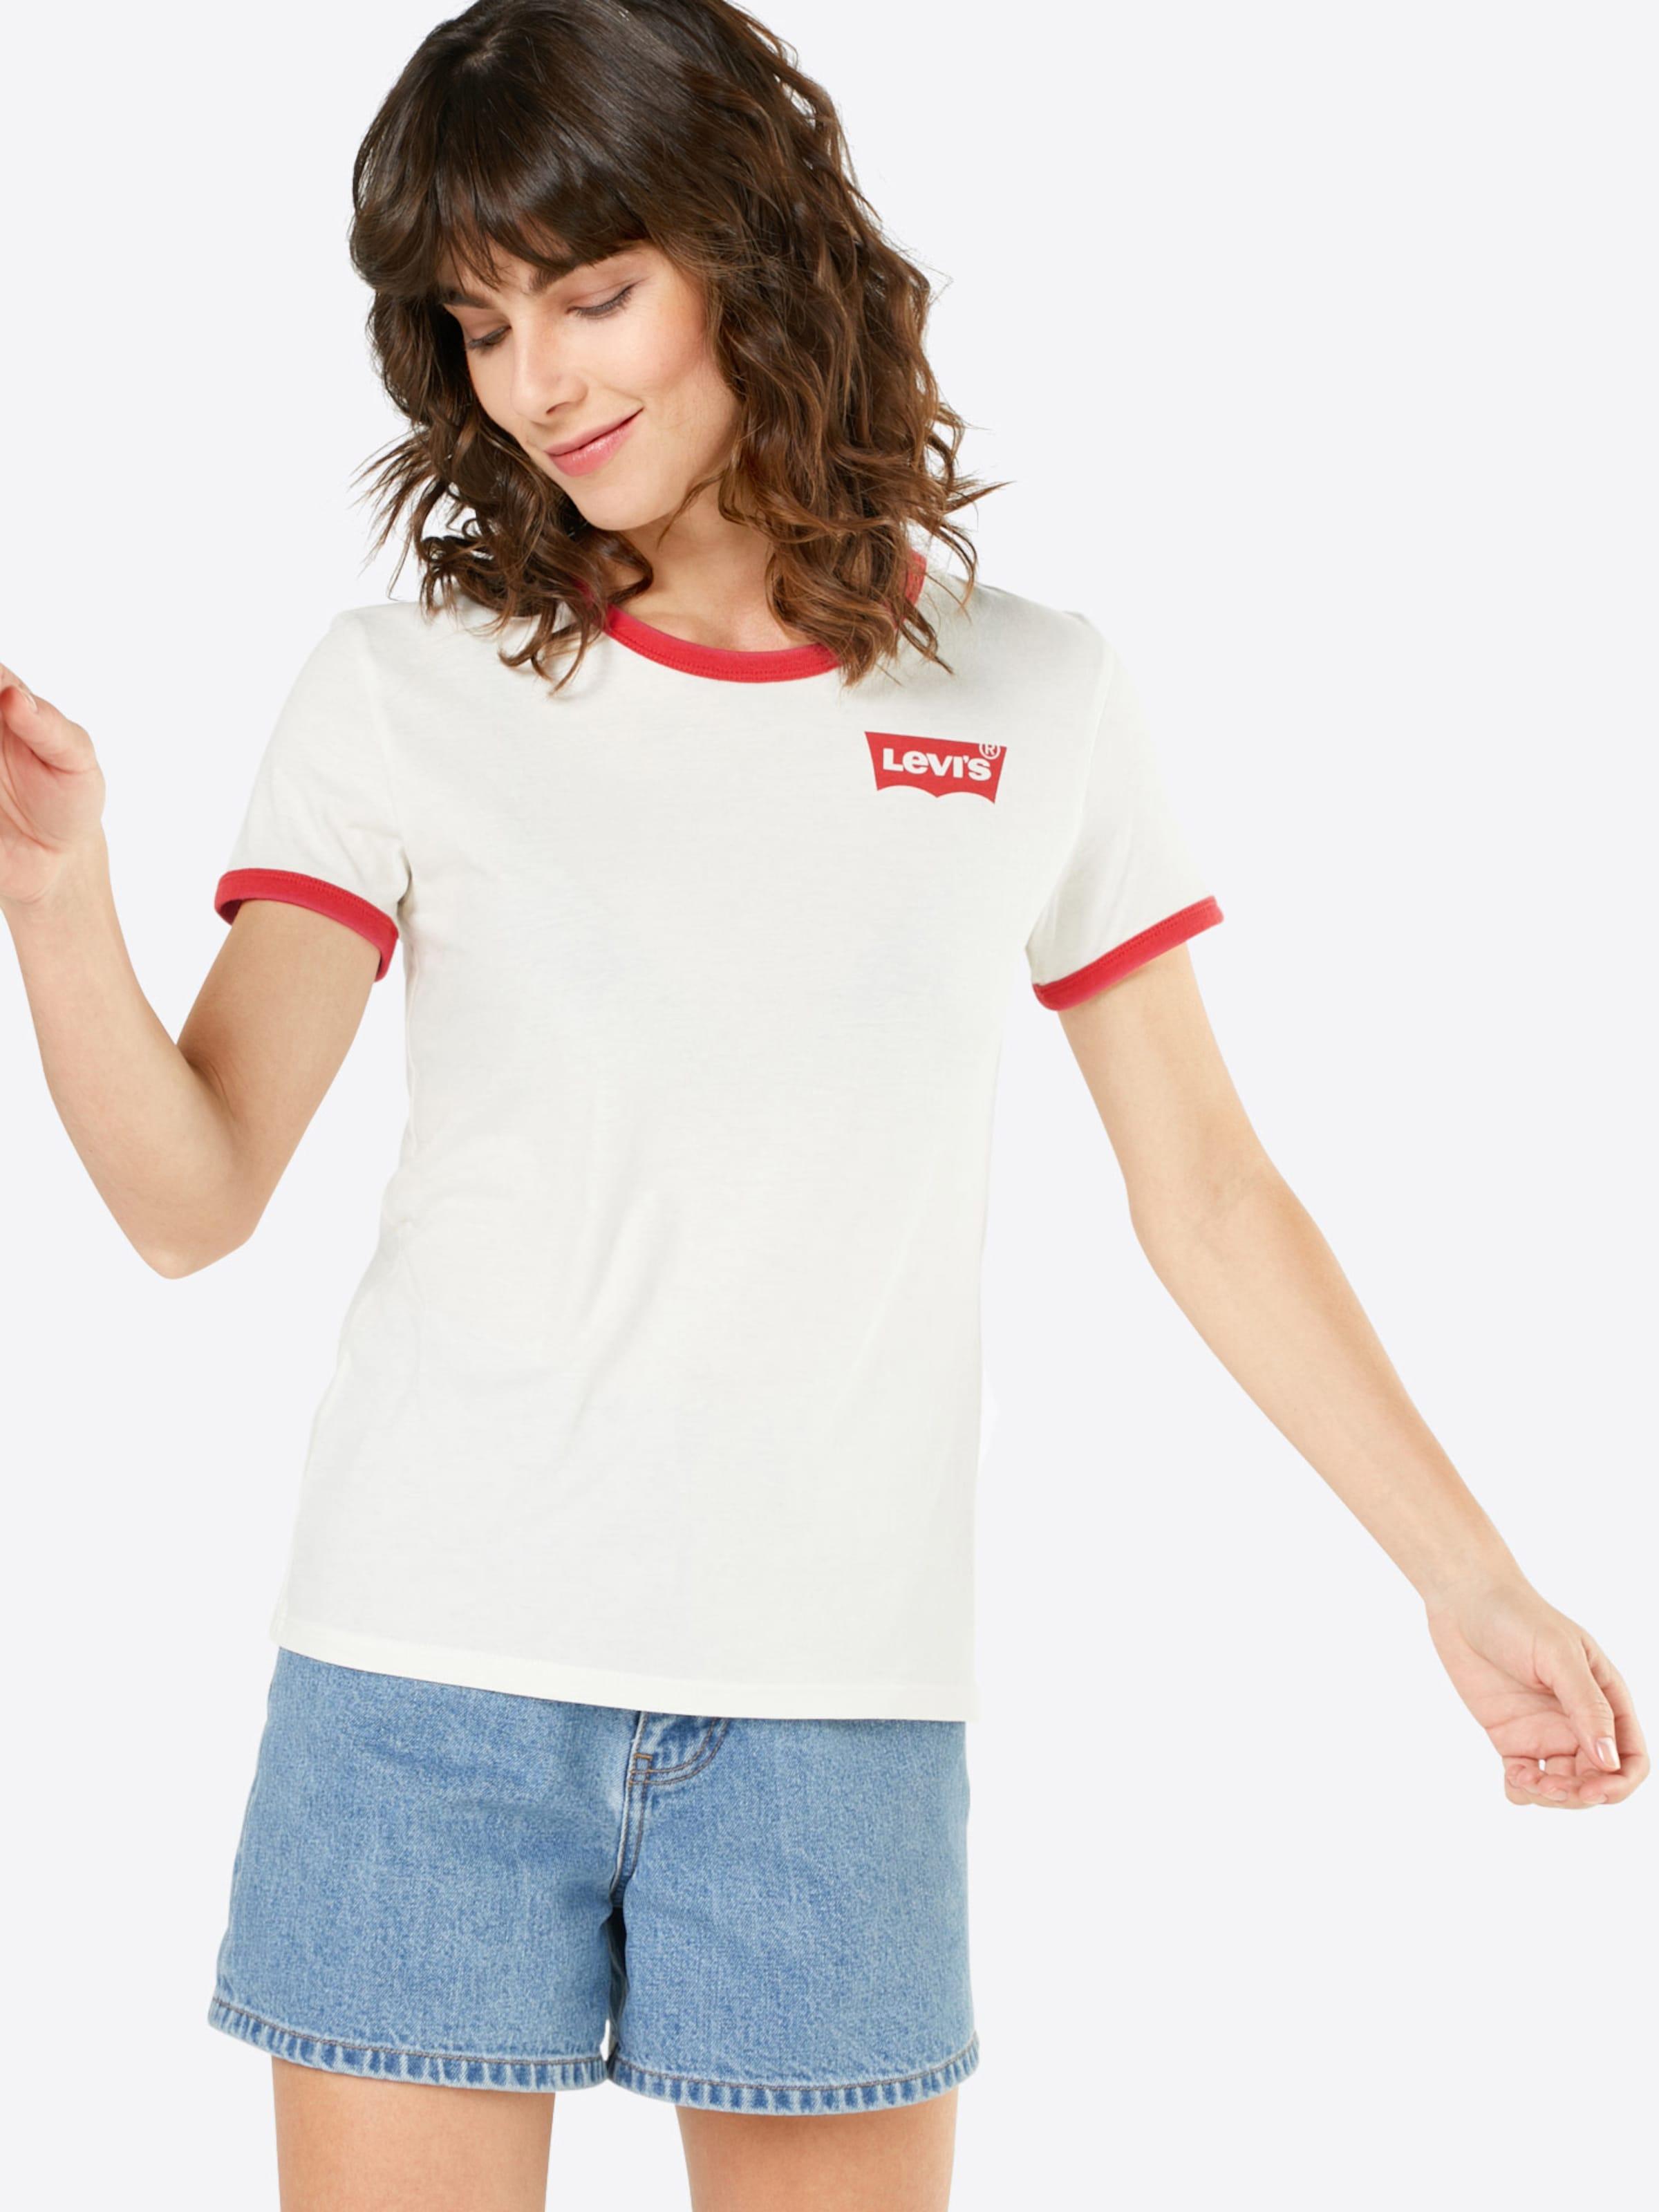 Spielraum Neu Shop-Angebot Zum Verkauf LEVI'S T-Shirt 'Perfect ringer' Auslassstellen Verkauf Online Billig Verkauf Zahlung Mit Visa xnRosyvGlL